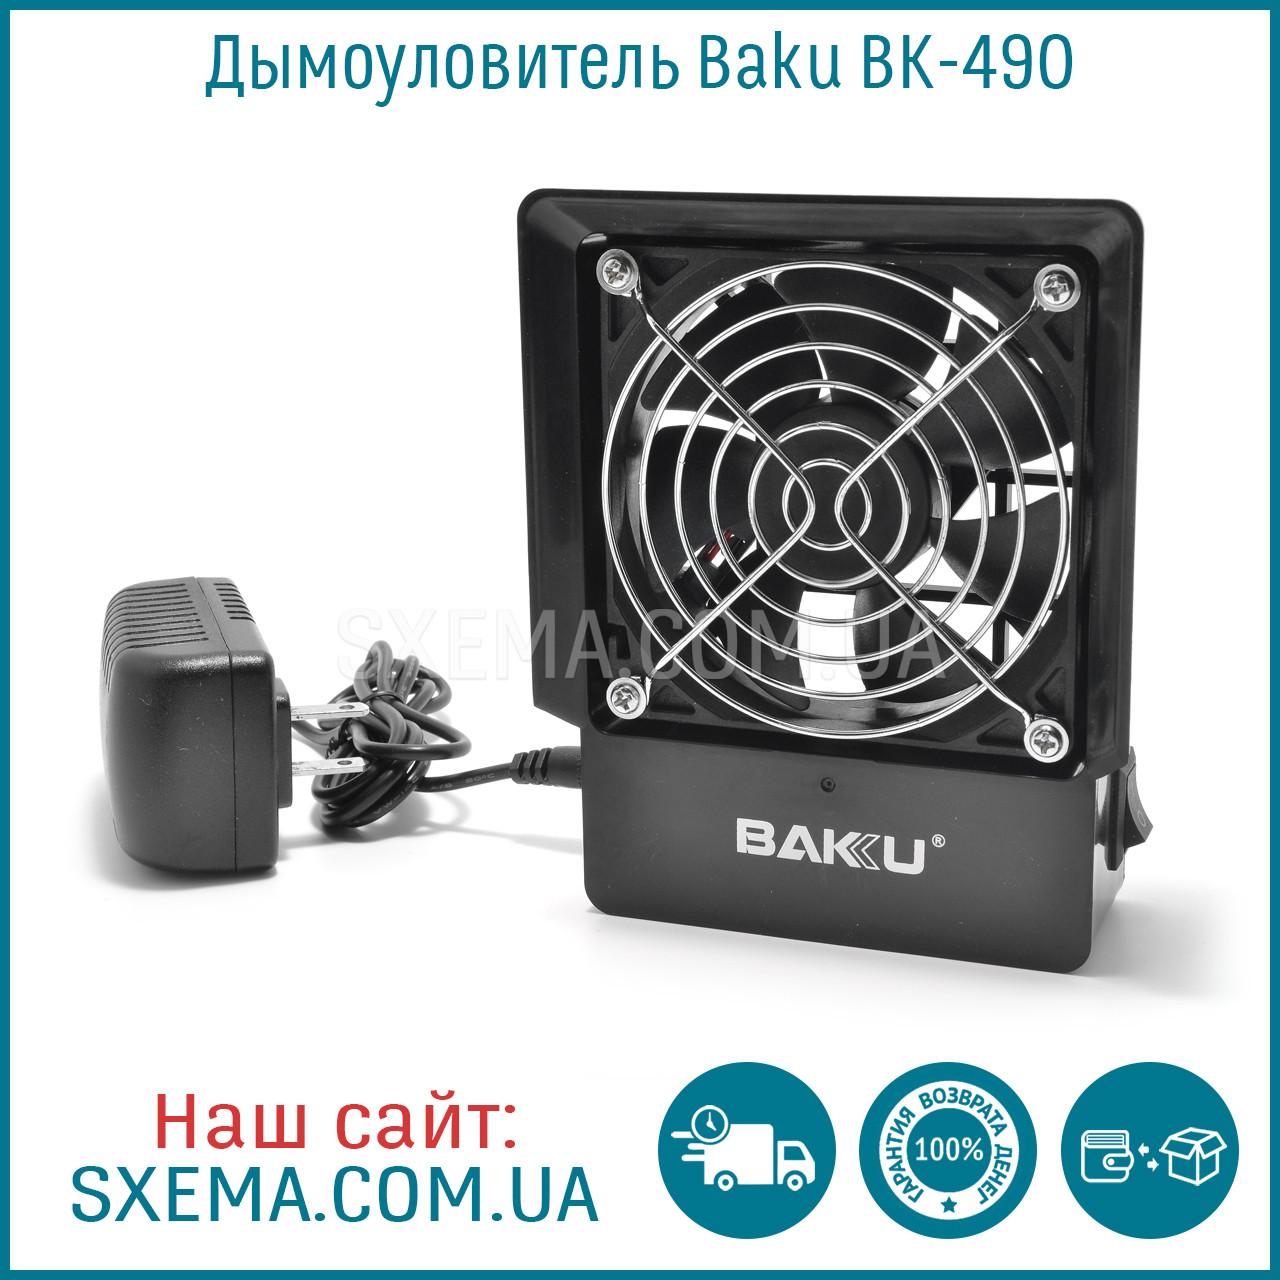 Дымоуловитель Baku BK-490 вытяжка